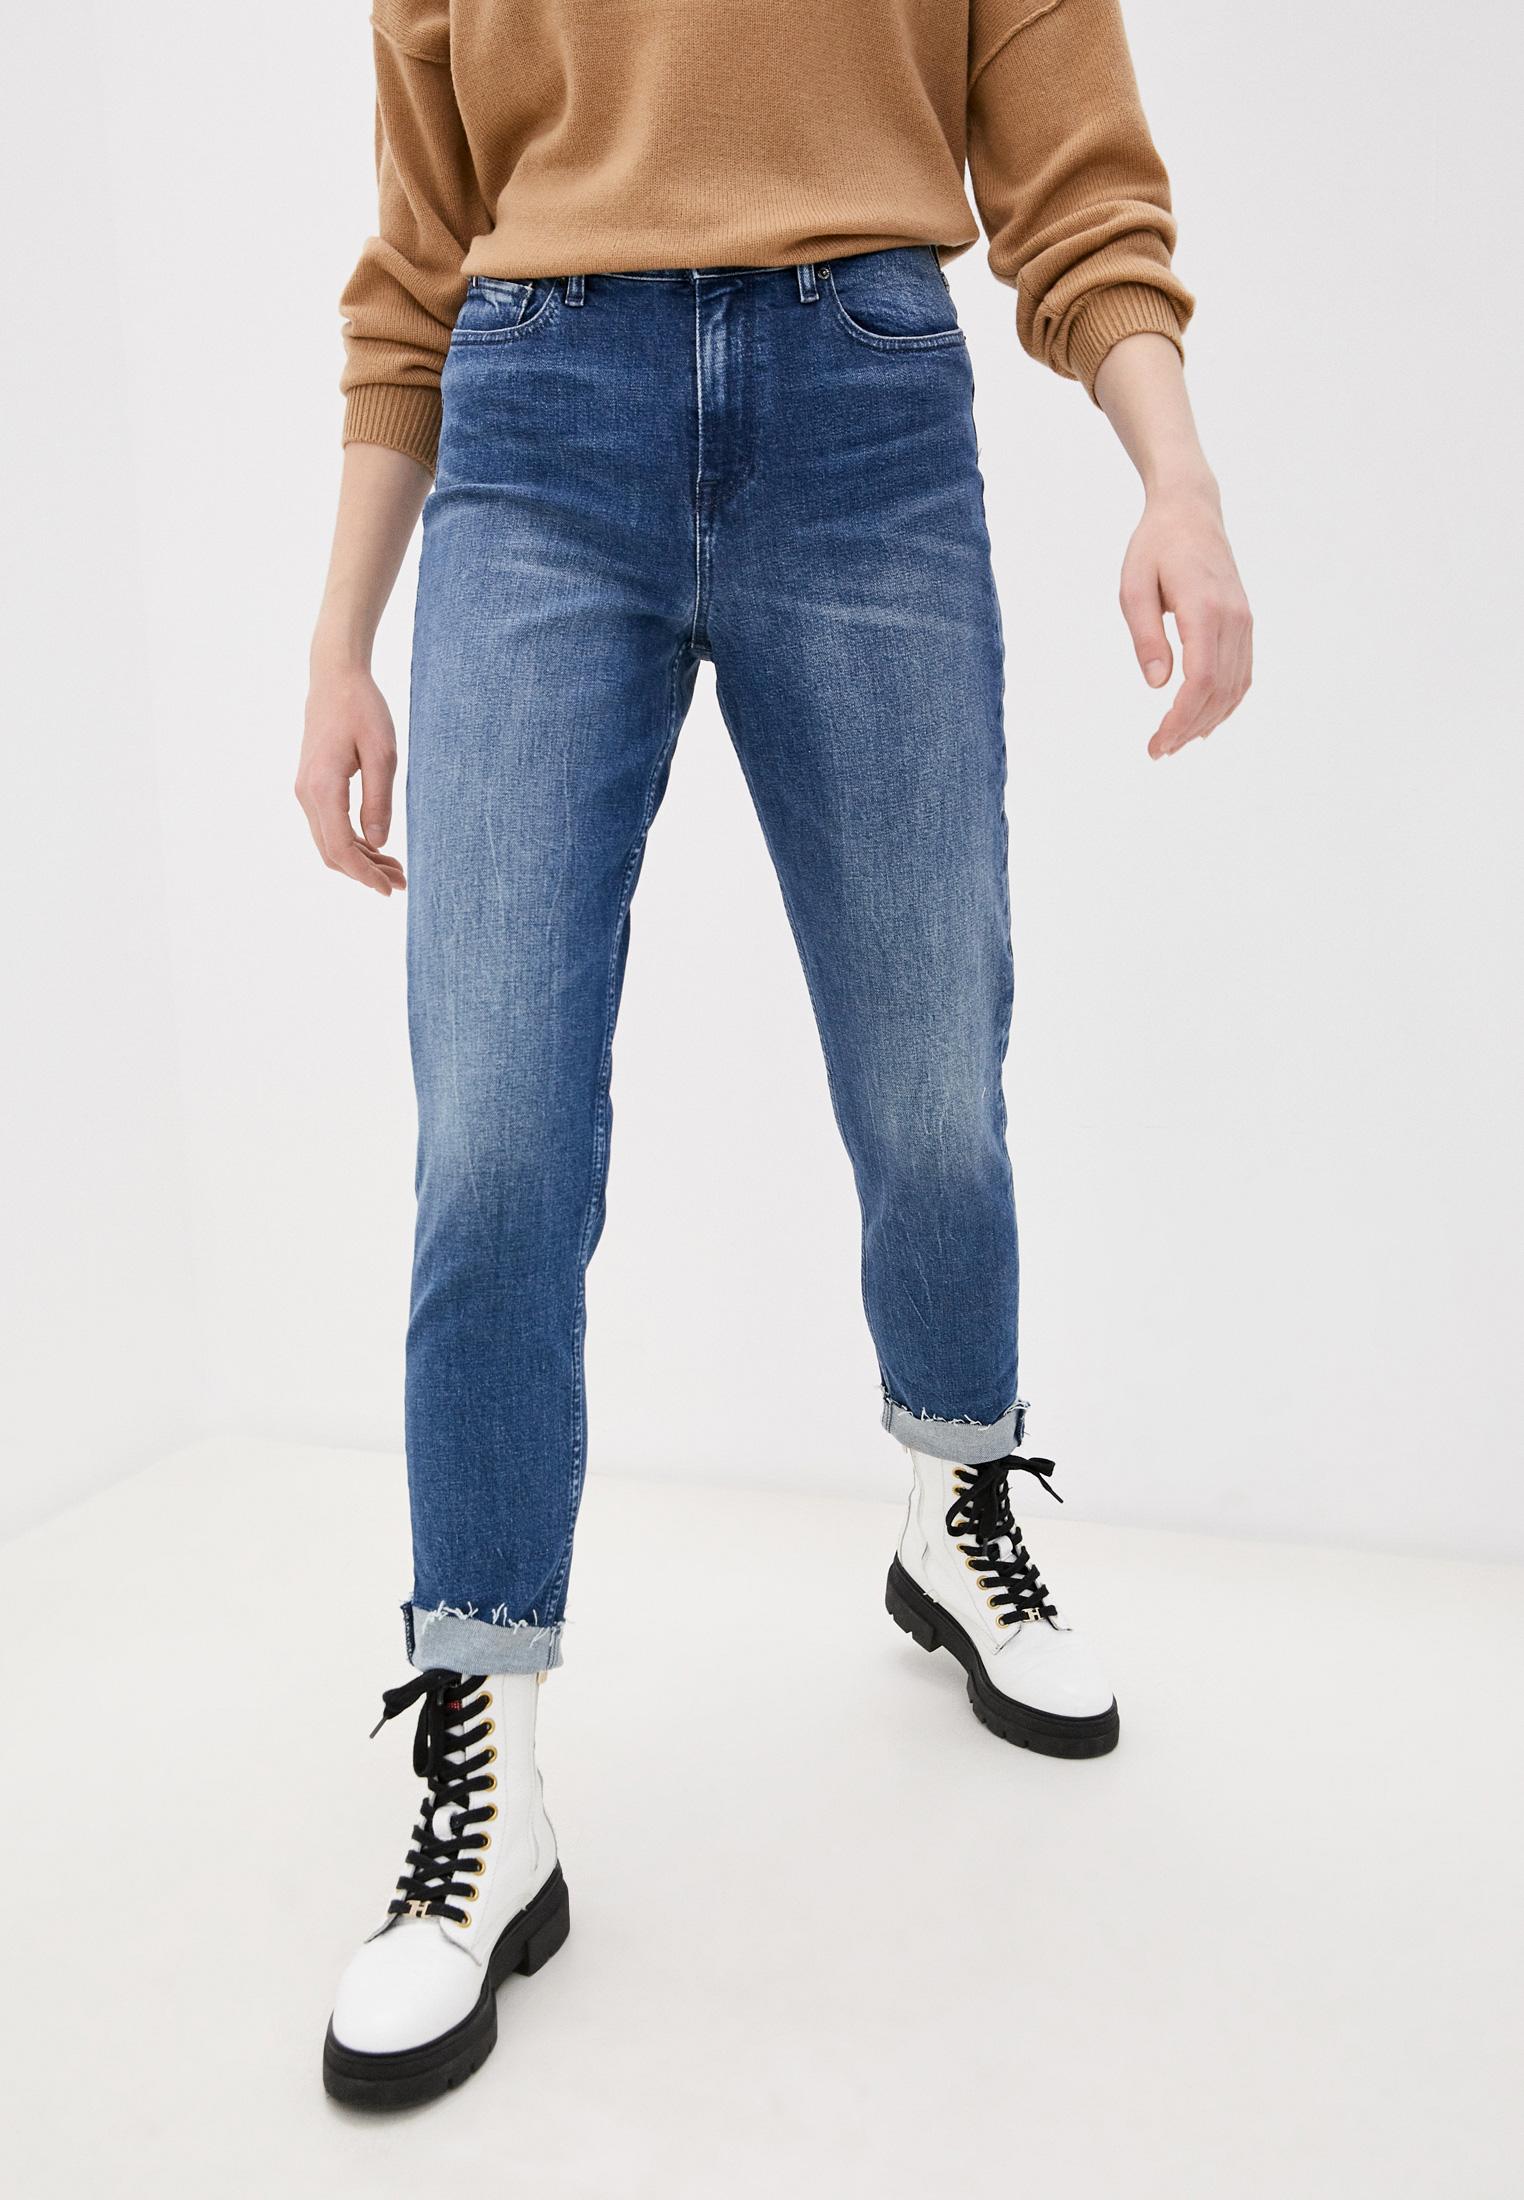 Зауженные джинсы Tommy Hilfiger (Томми Хилфигер) WW0WW29328: изображение 1